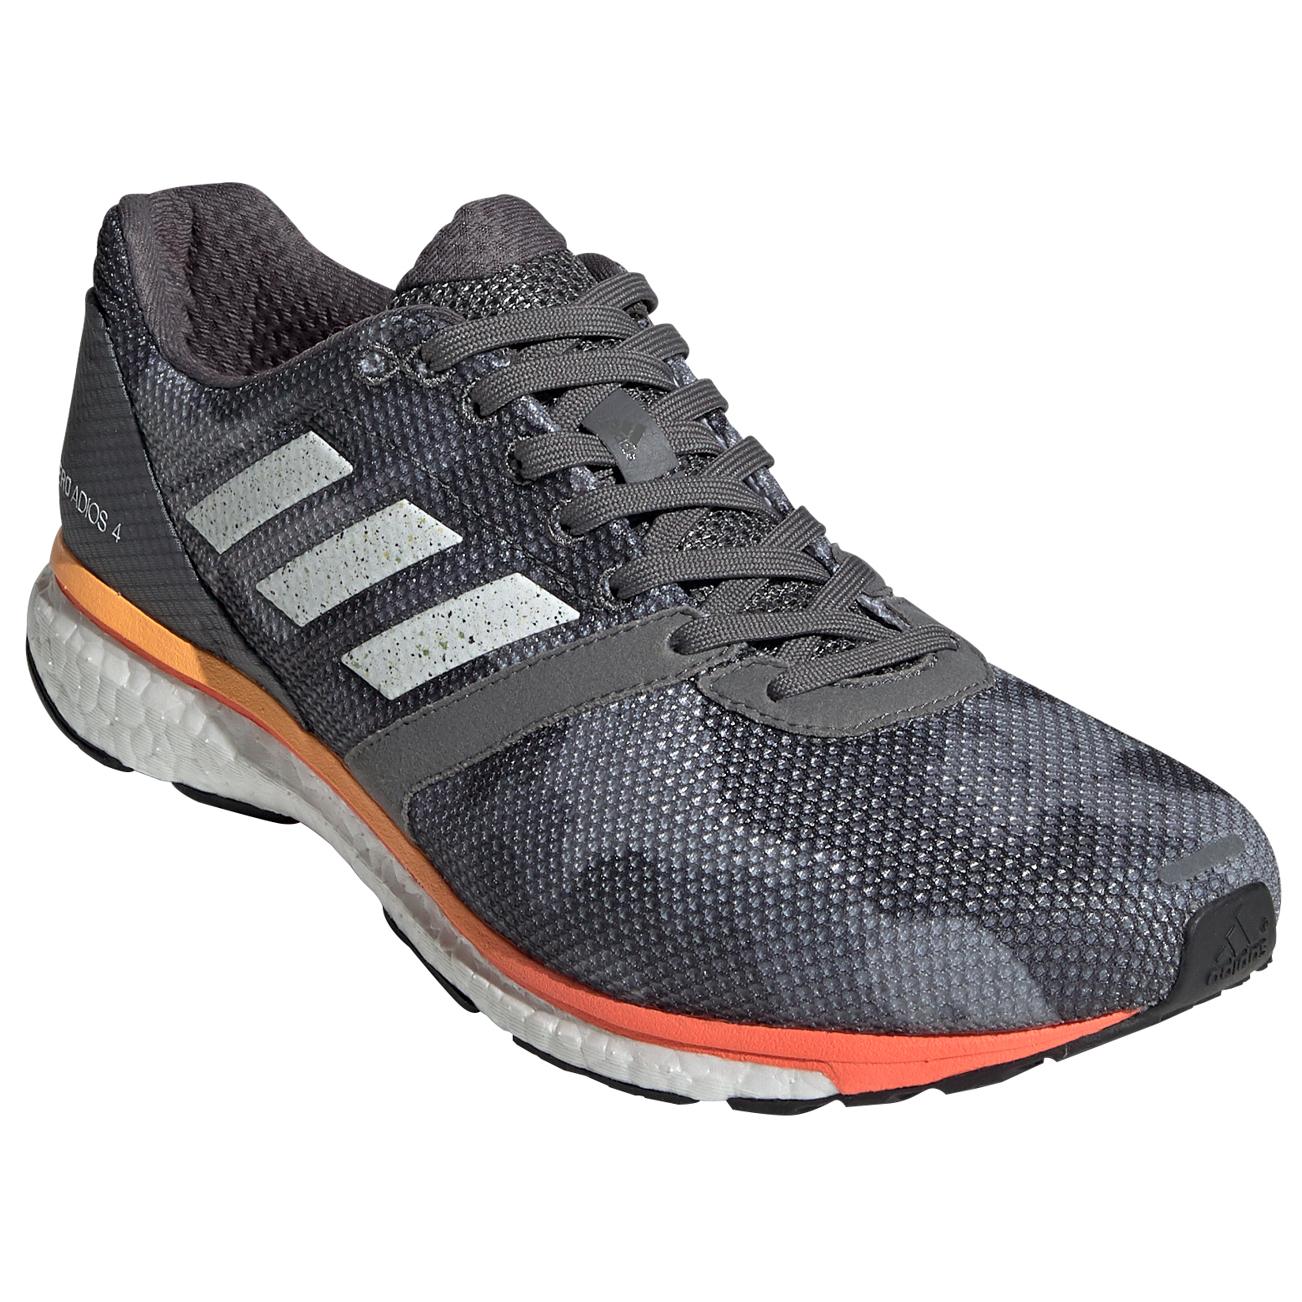 esquema Meseta máquina de coser  Adidas AdiZero Adios 4 - Zapatillas para correr Hombre | Comprar online |  Bergfreunde.es